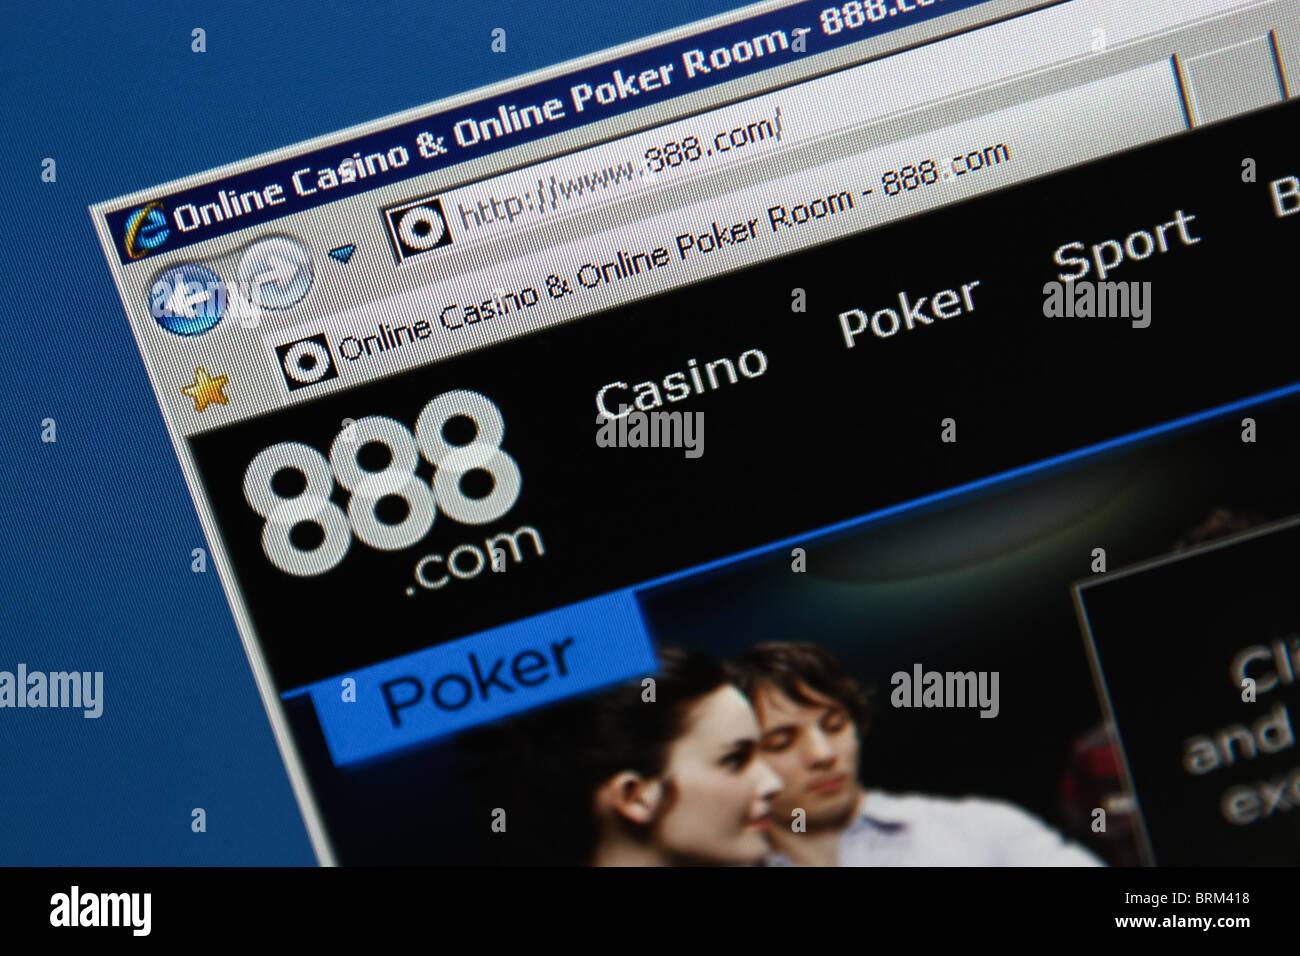 poker online gambling 888.com - Stock Image